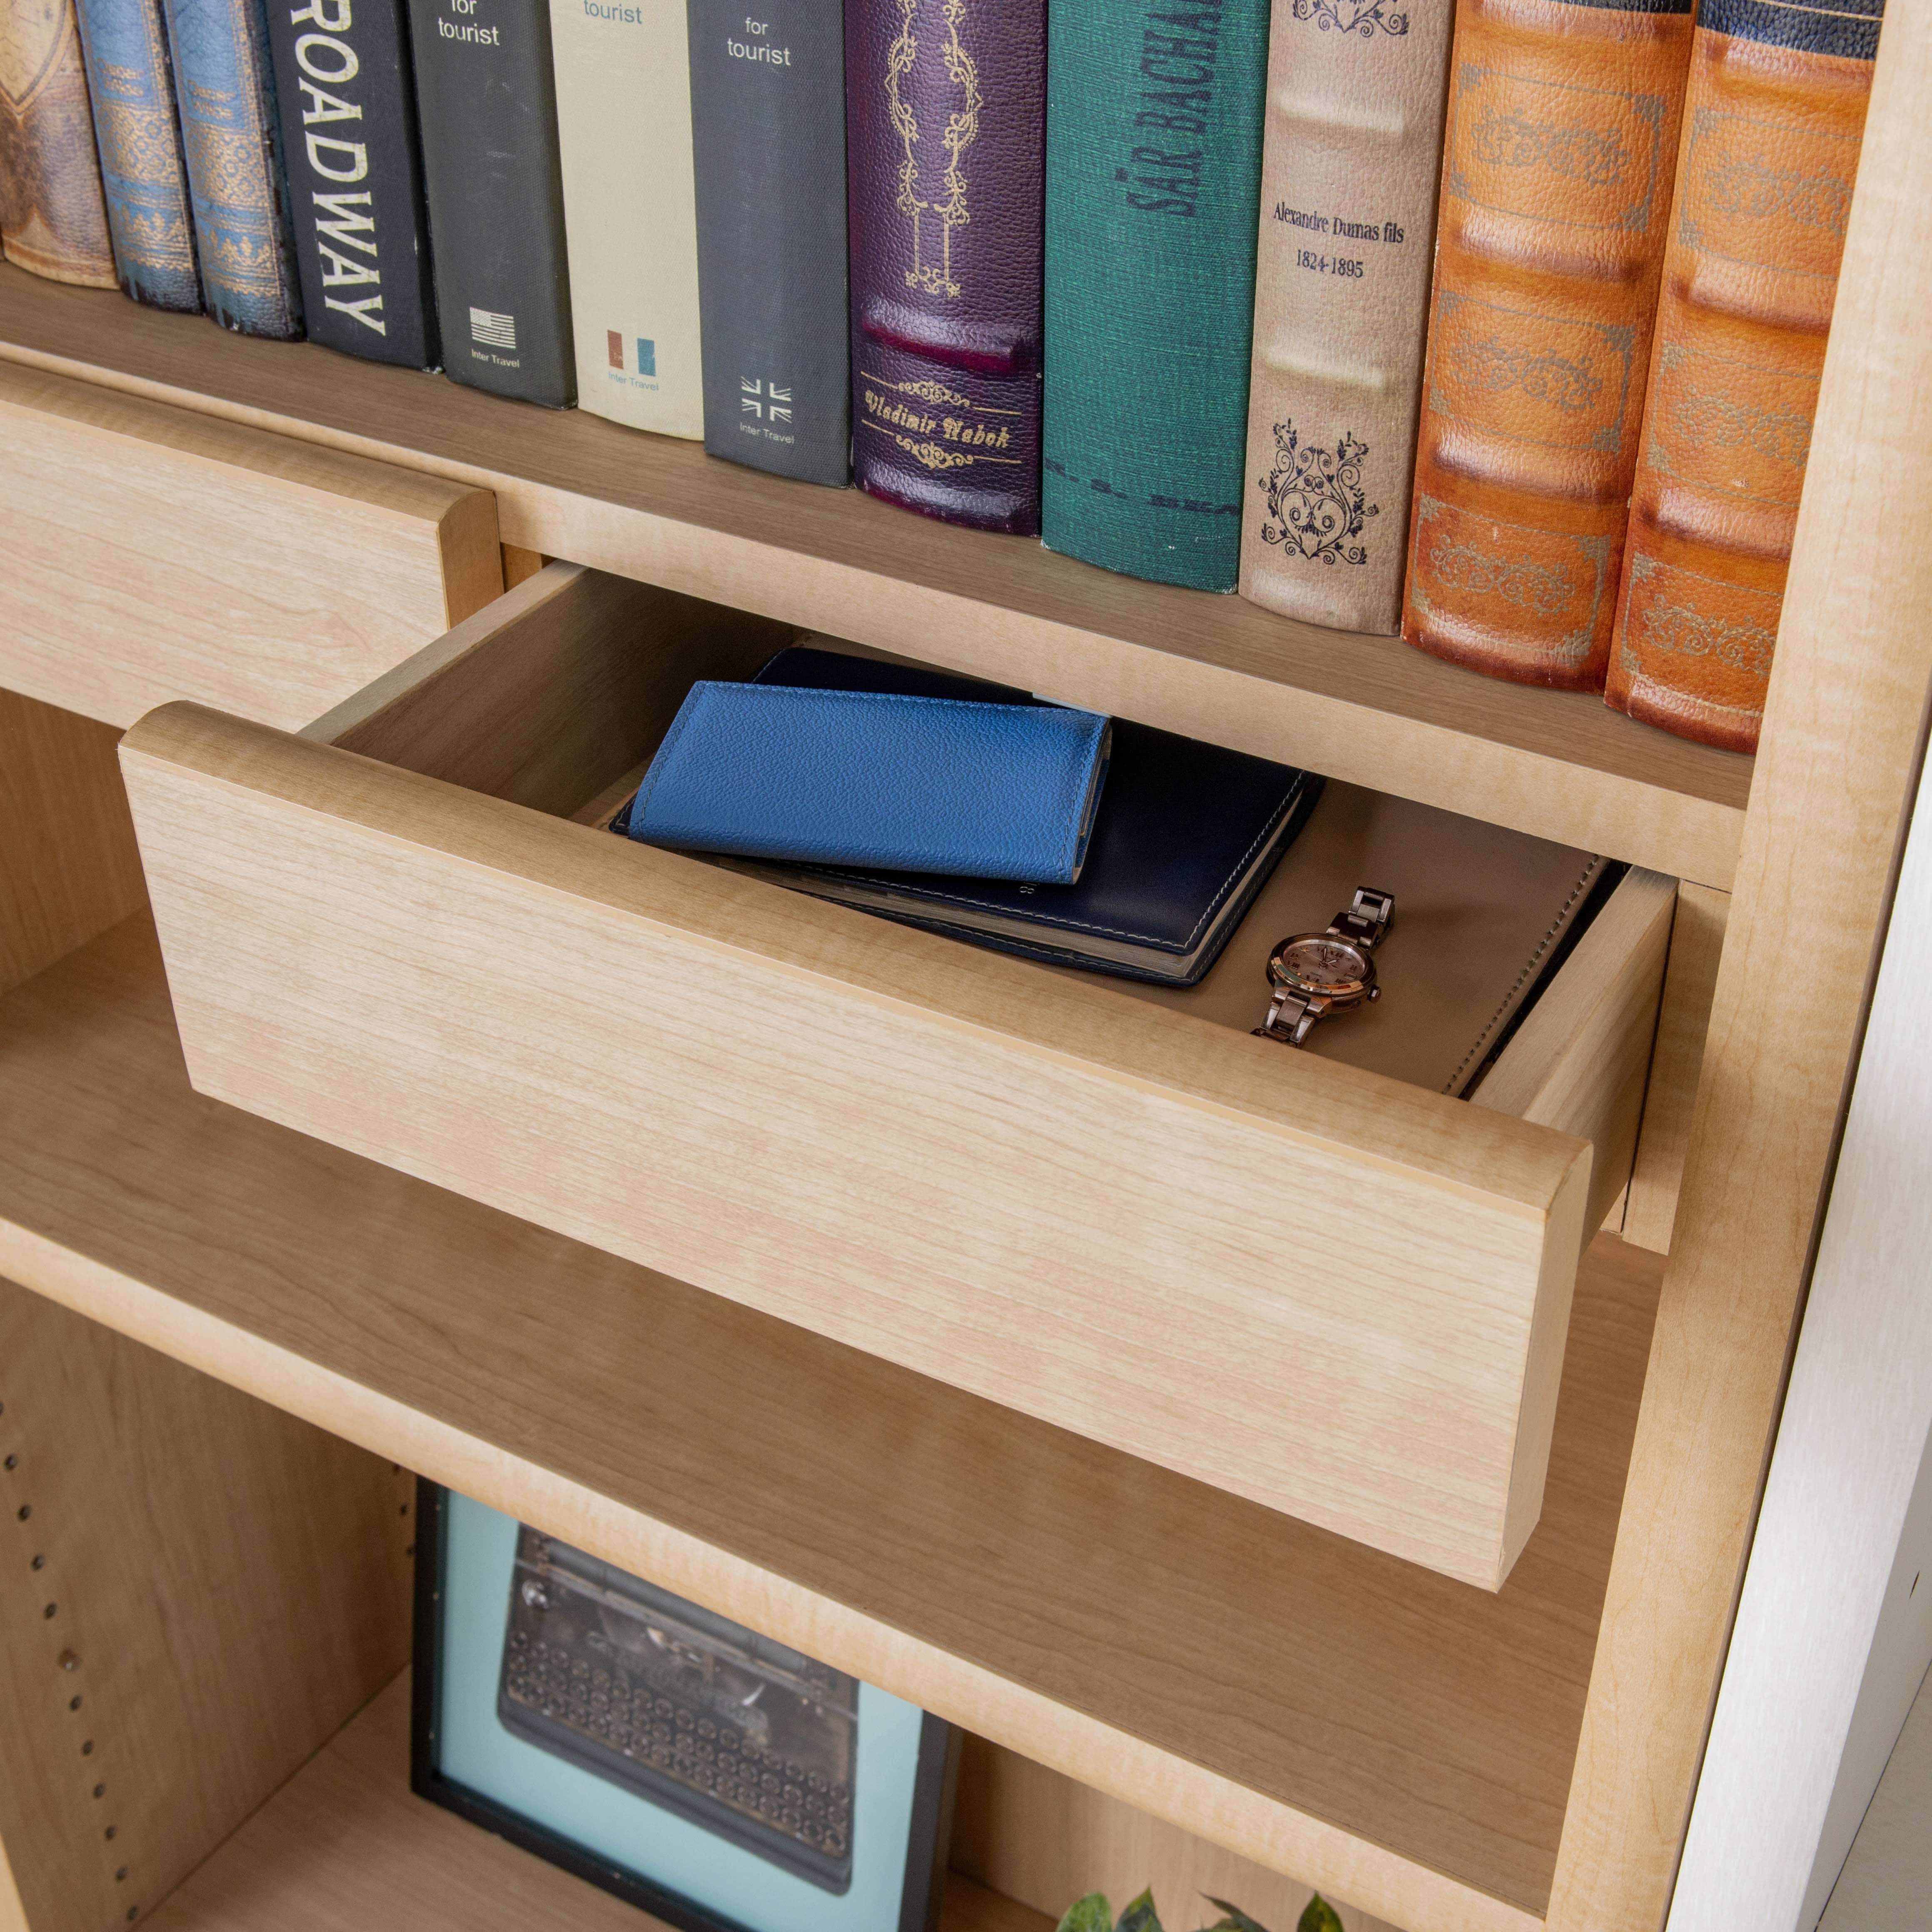 小島工芸 書棚 アコード65H(ウッディウェンジ):収納の幅を広げるオプション引き出し